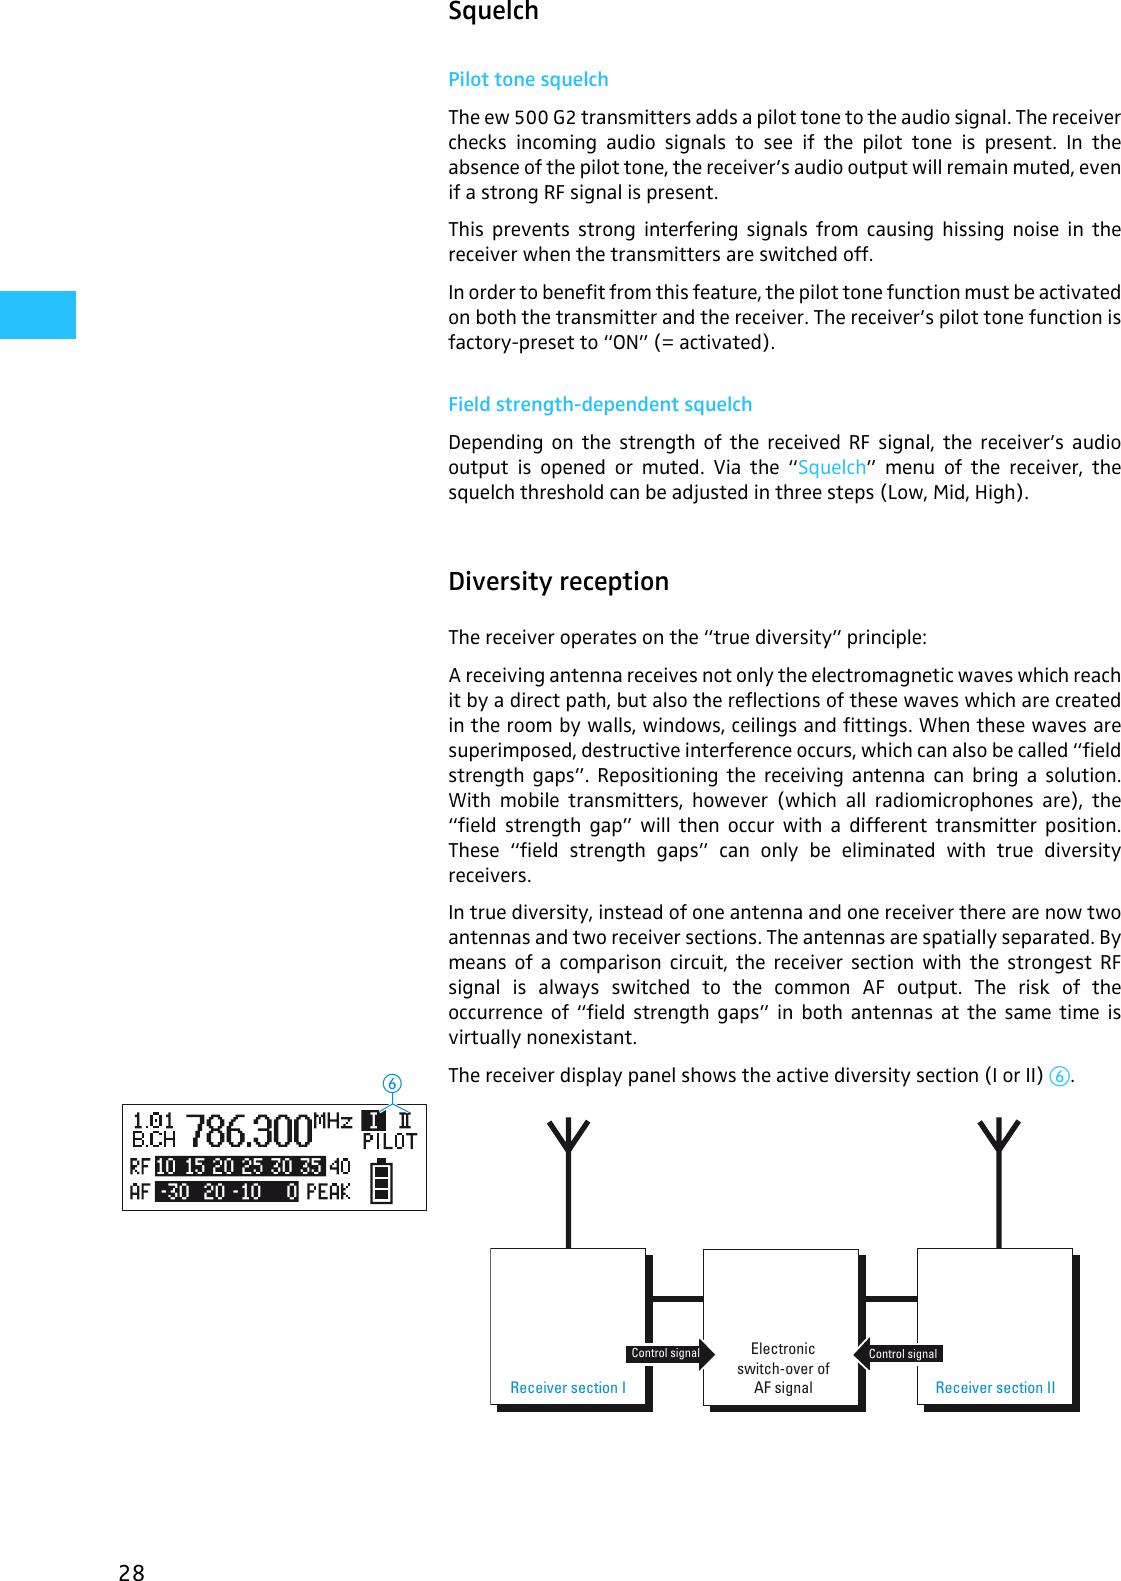 Sennheiser Em500 Users Manual EM500G2_090624_0206_DE_INT